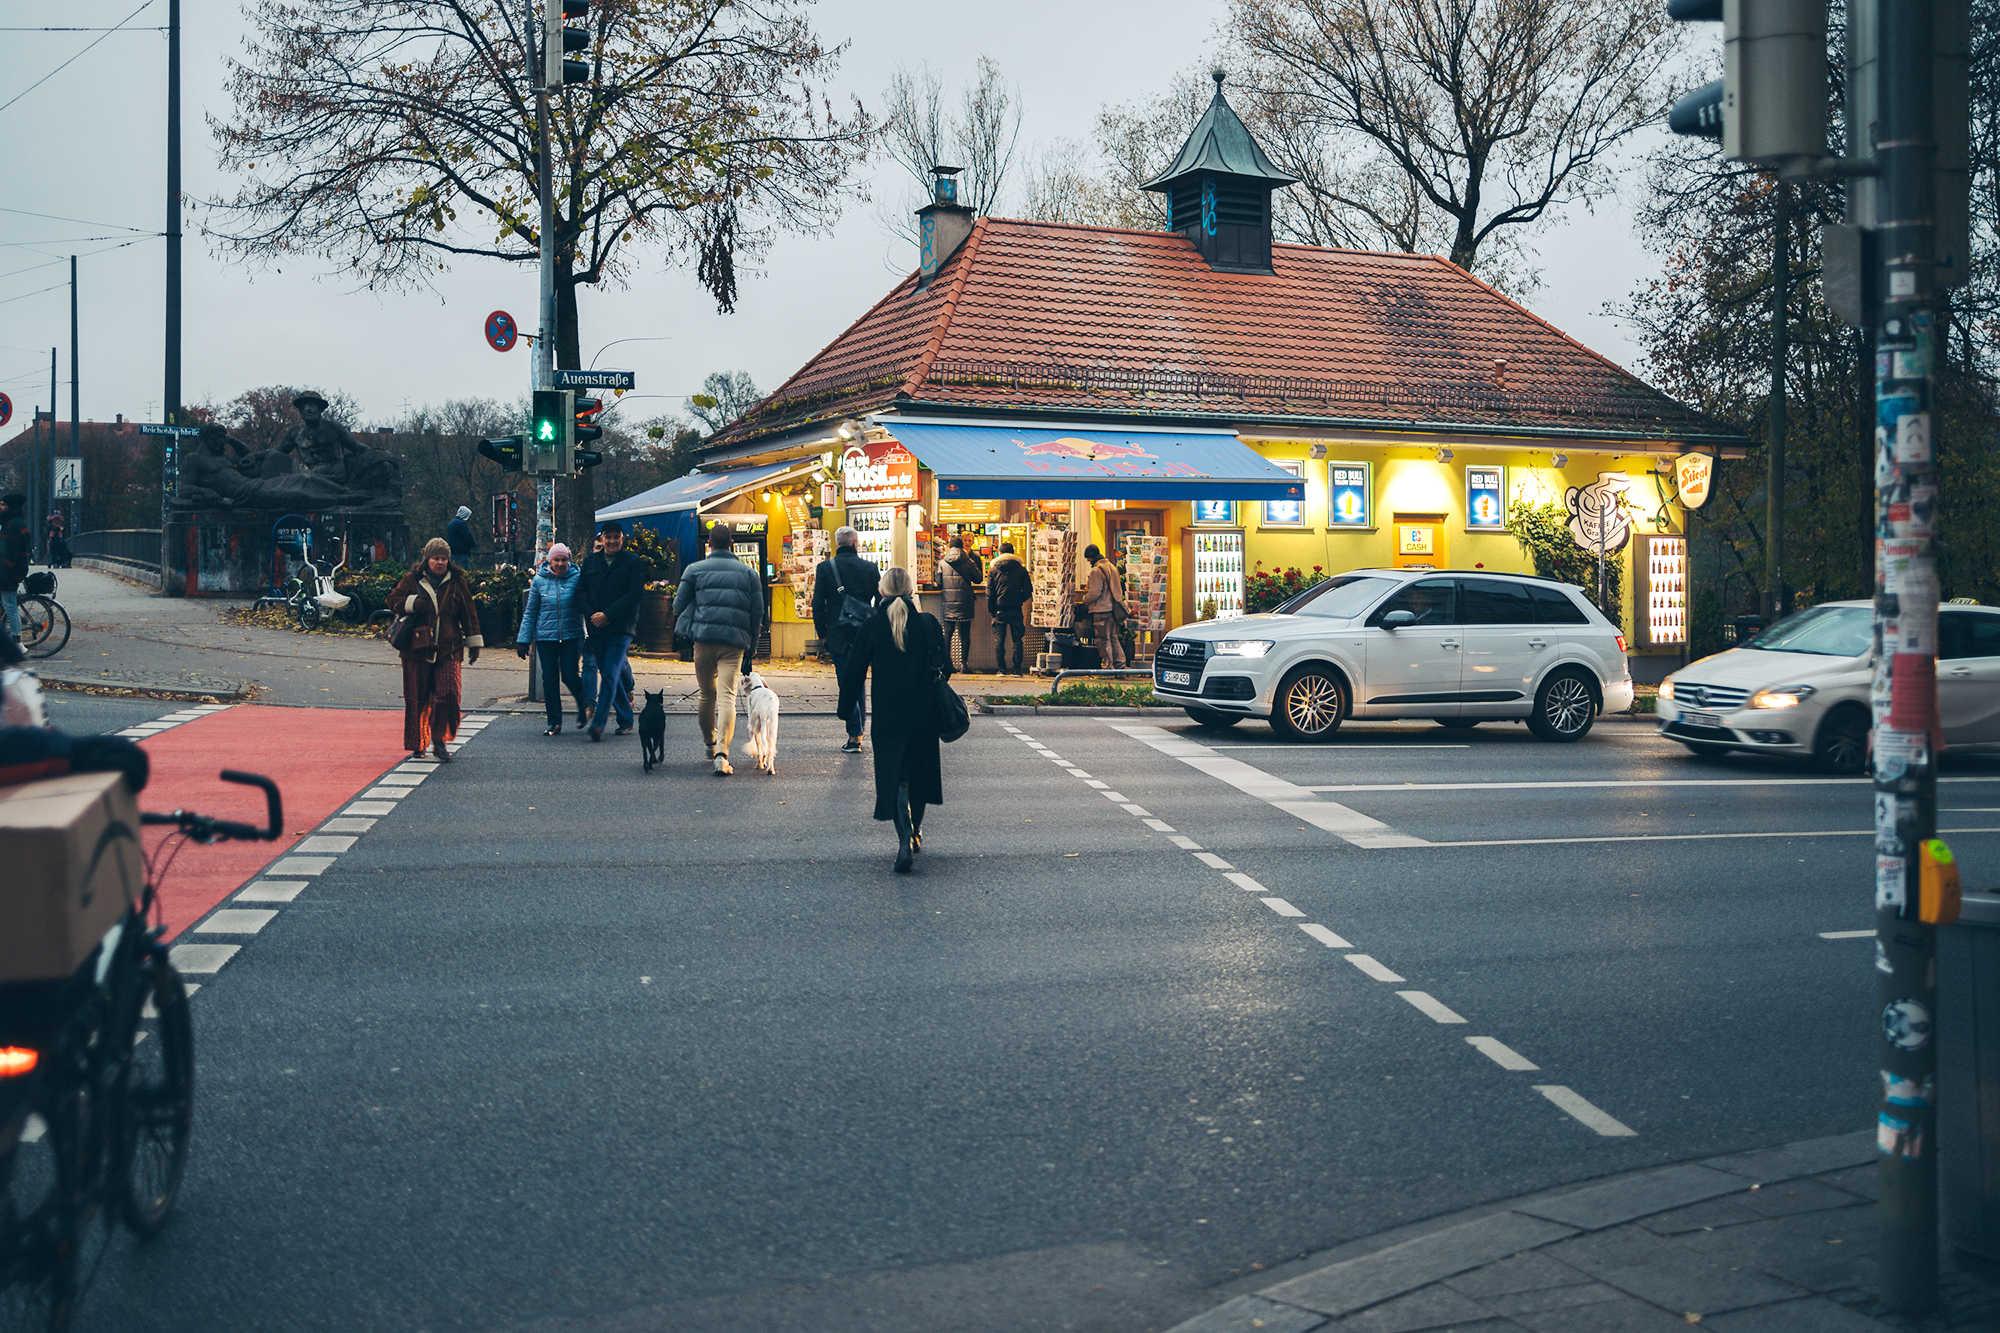 Sicht zum Kiosk über die Straße